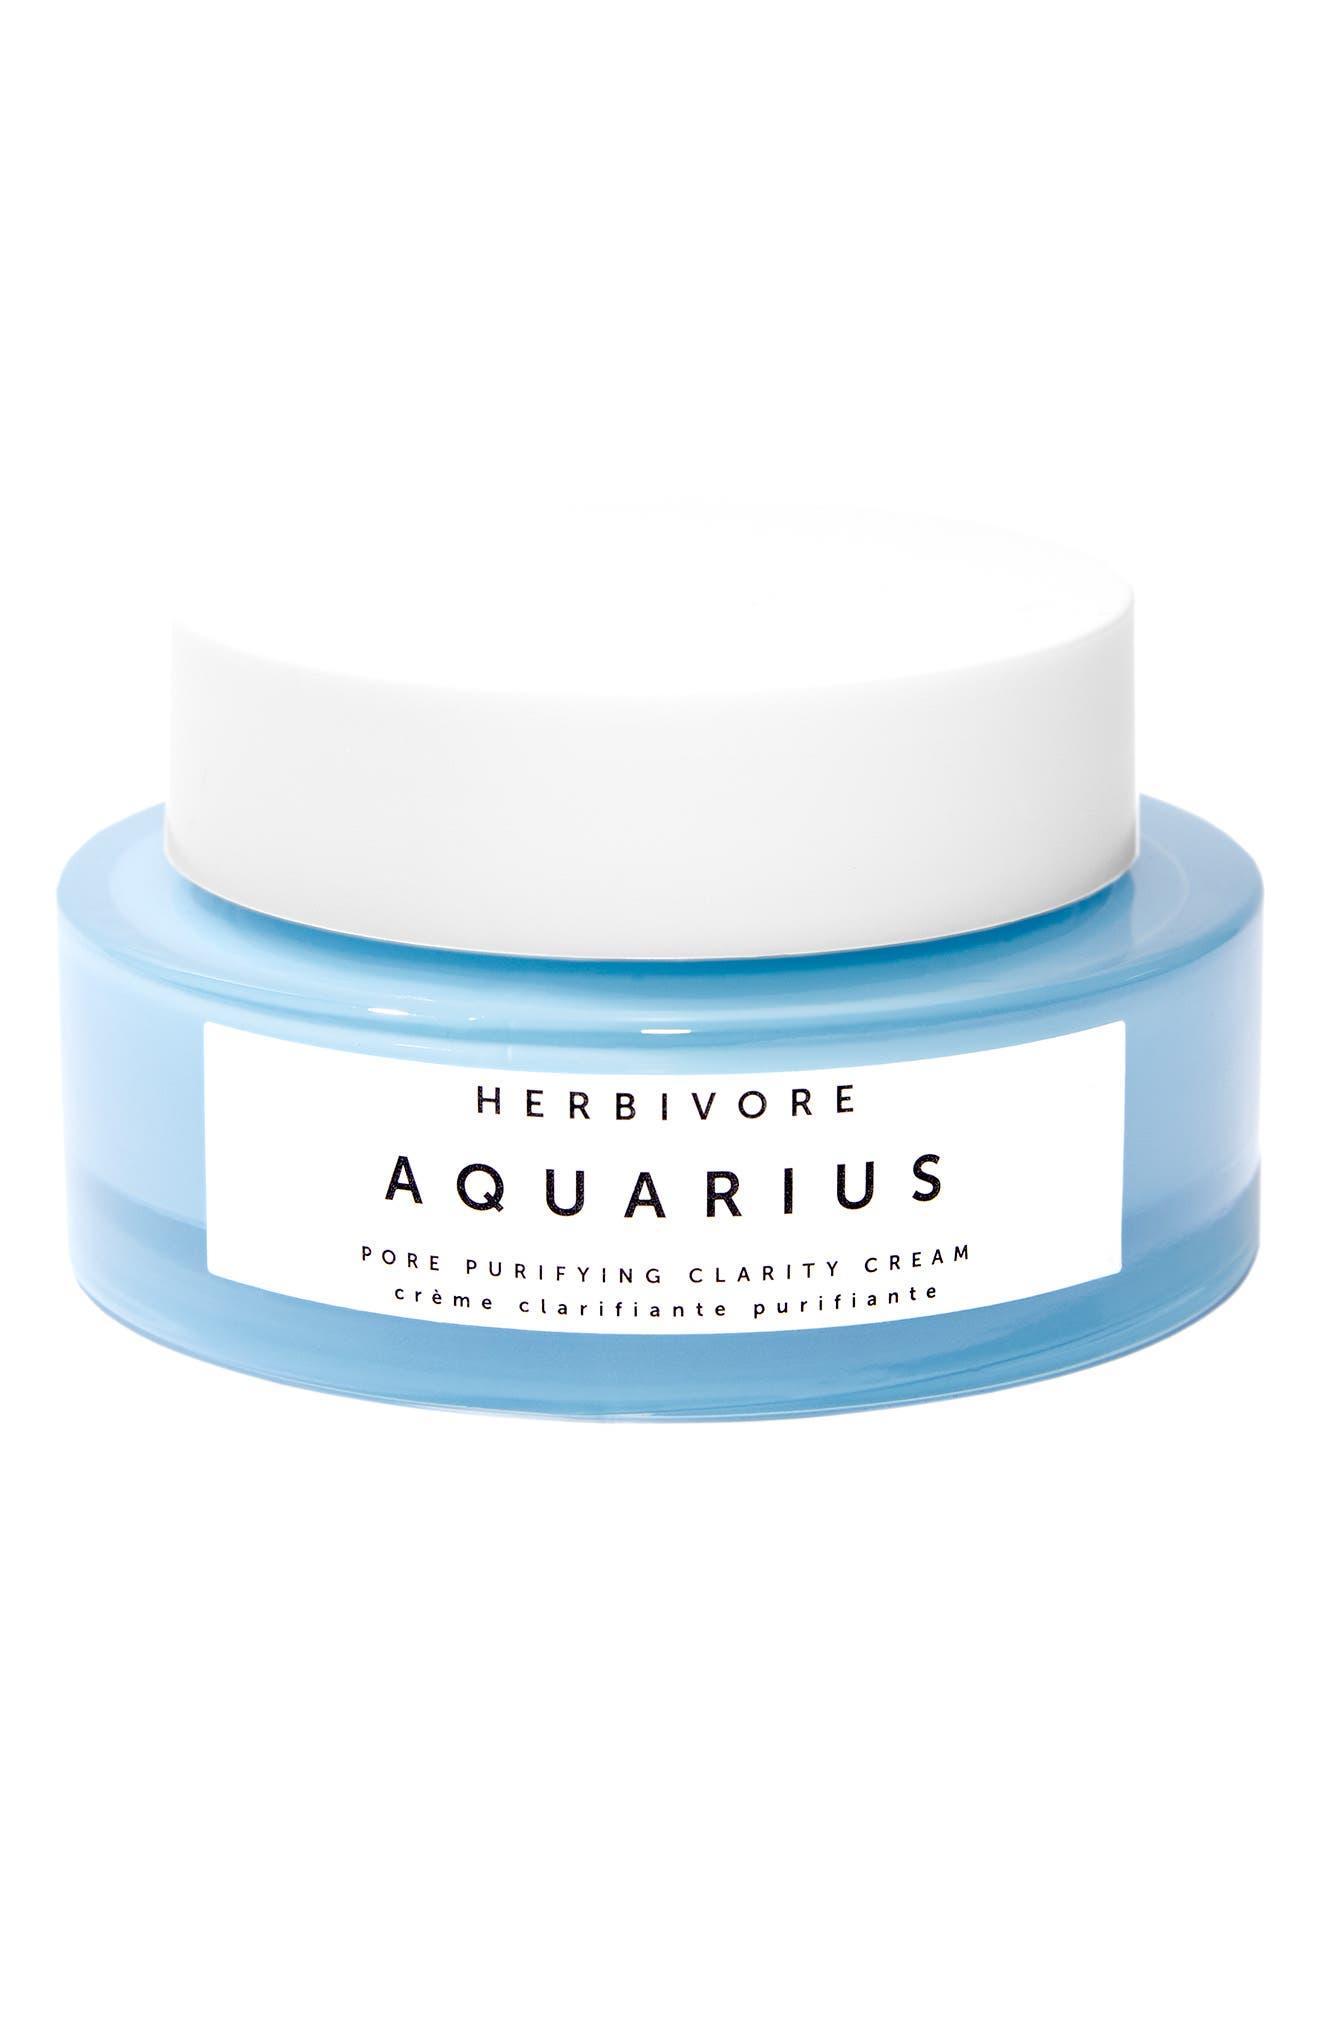 Aquarius Pore Purifying Clarity Cream